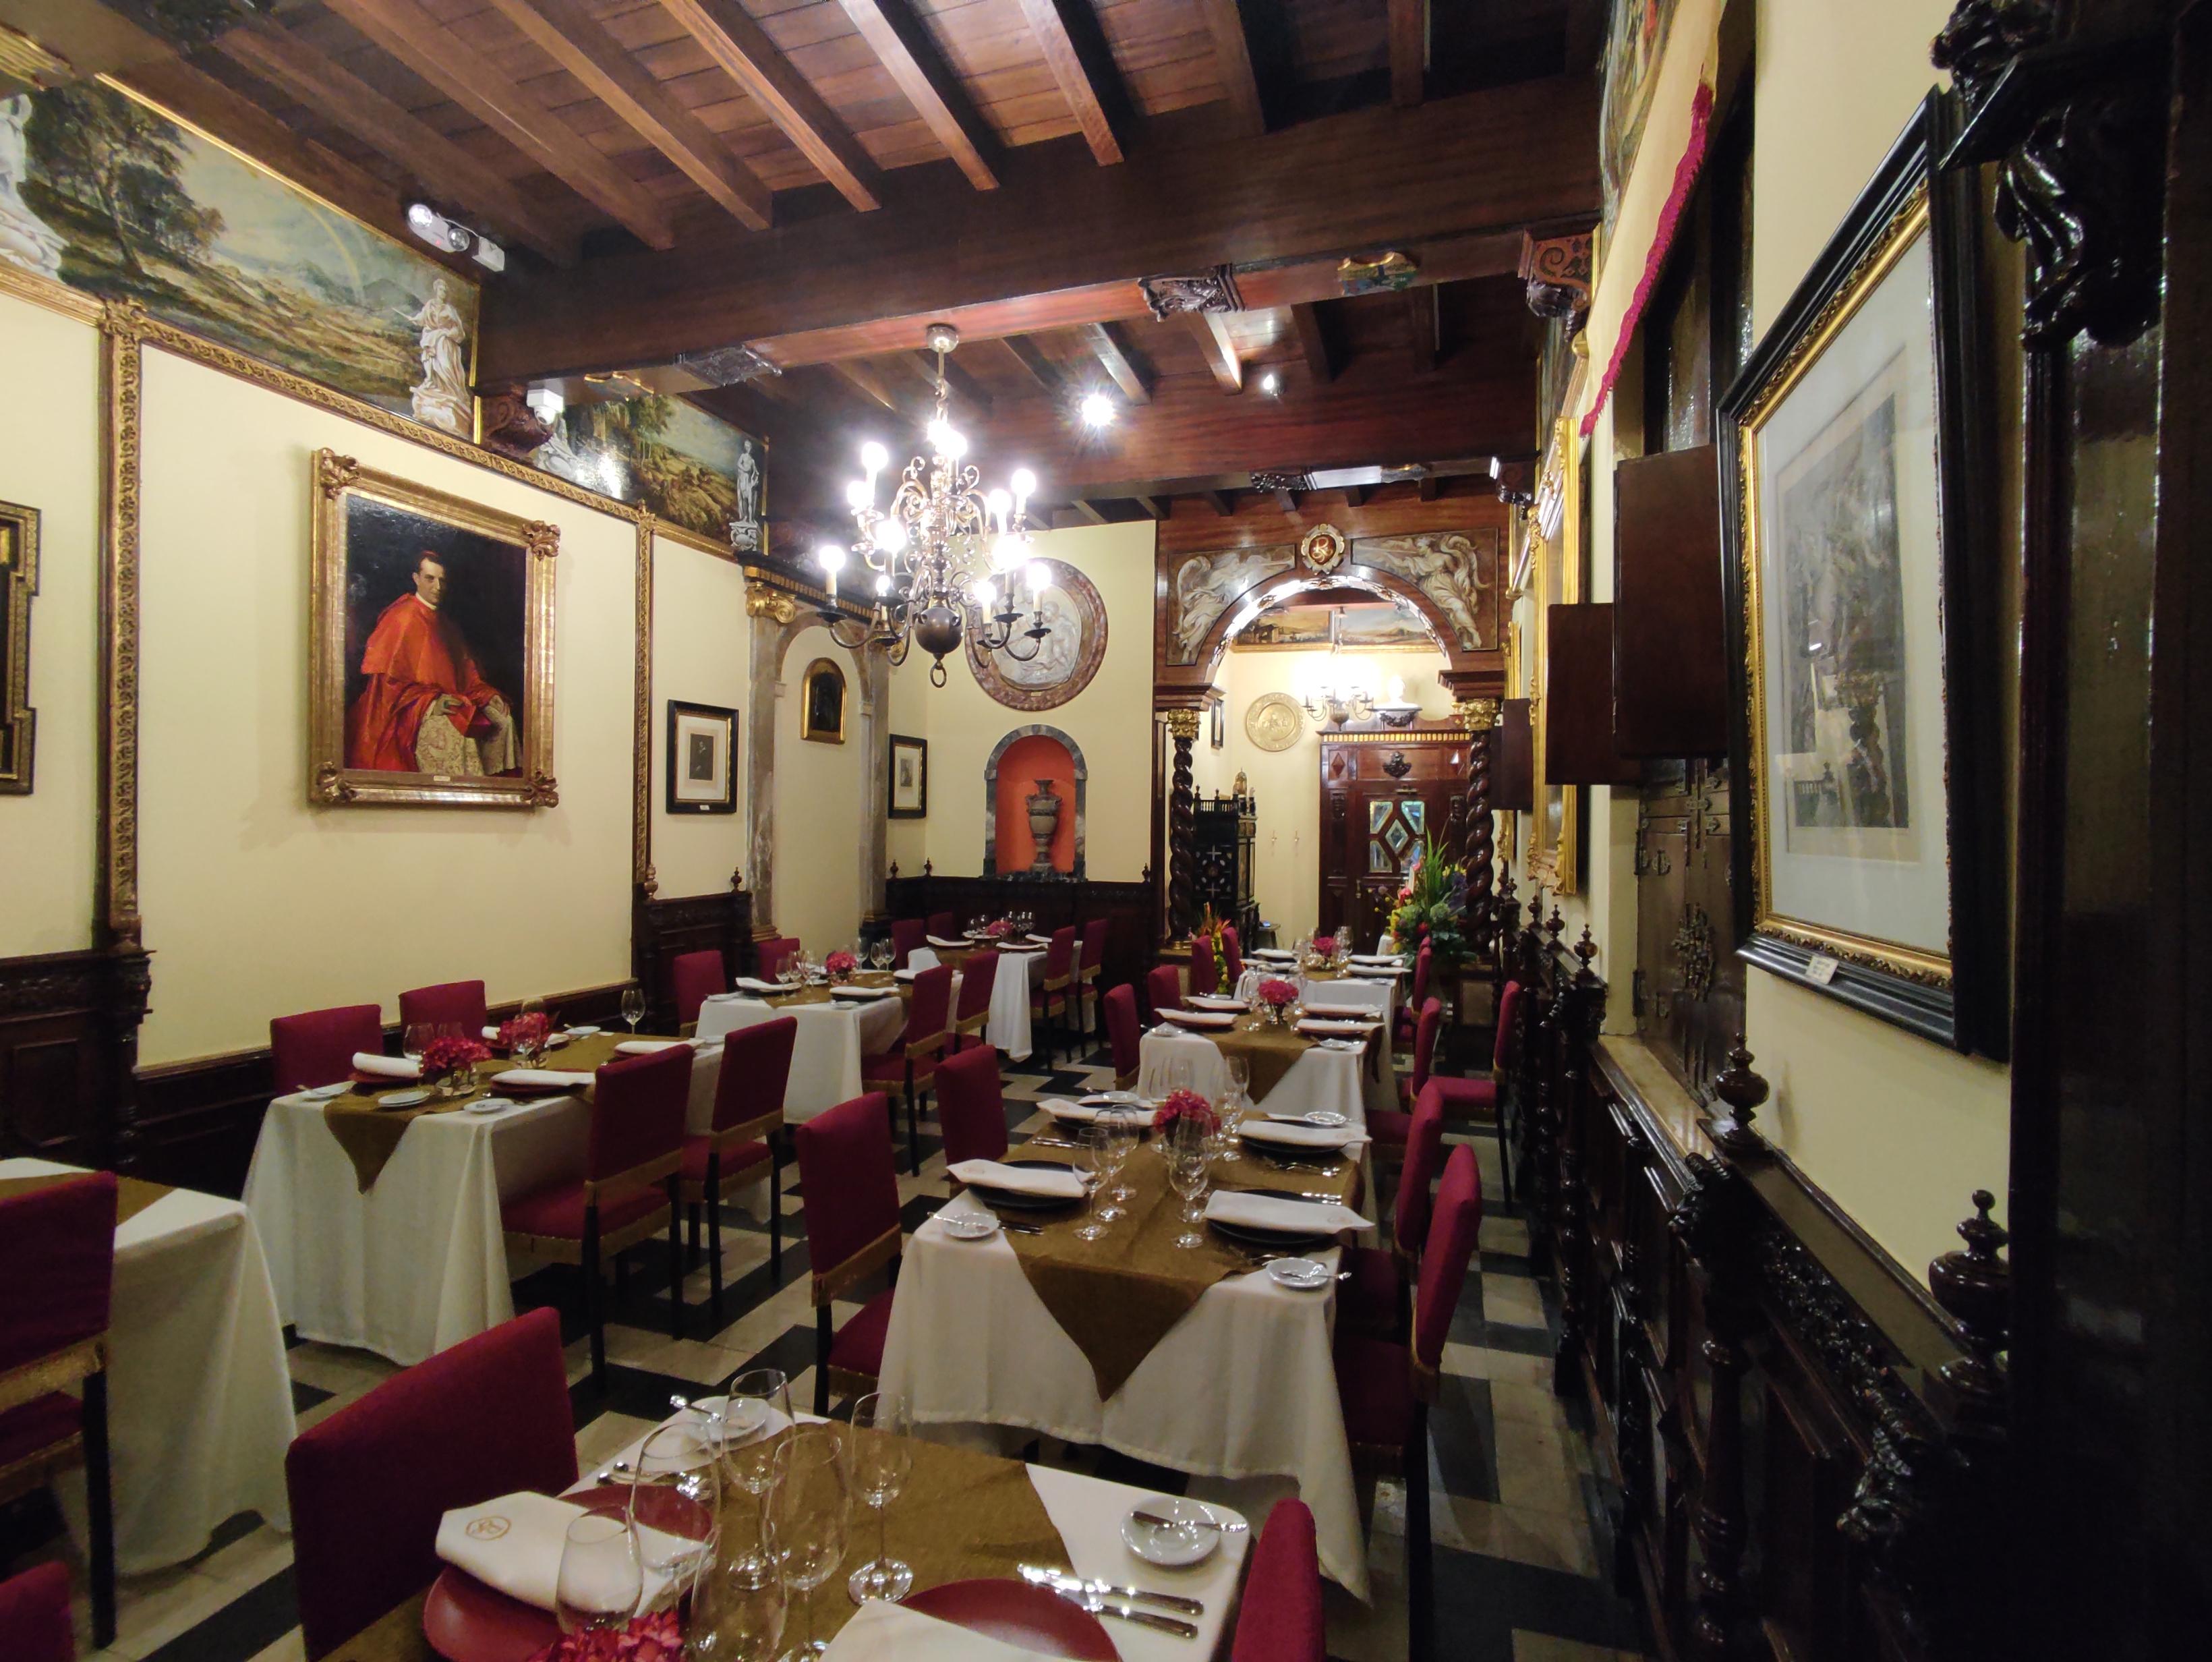 Rubens Restaurante: Conceptos de pintura en platos de autor